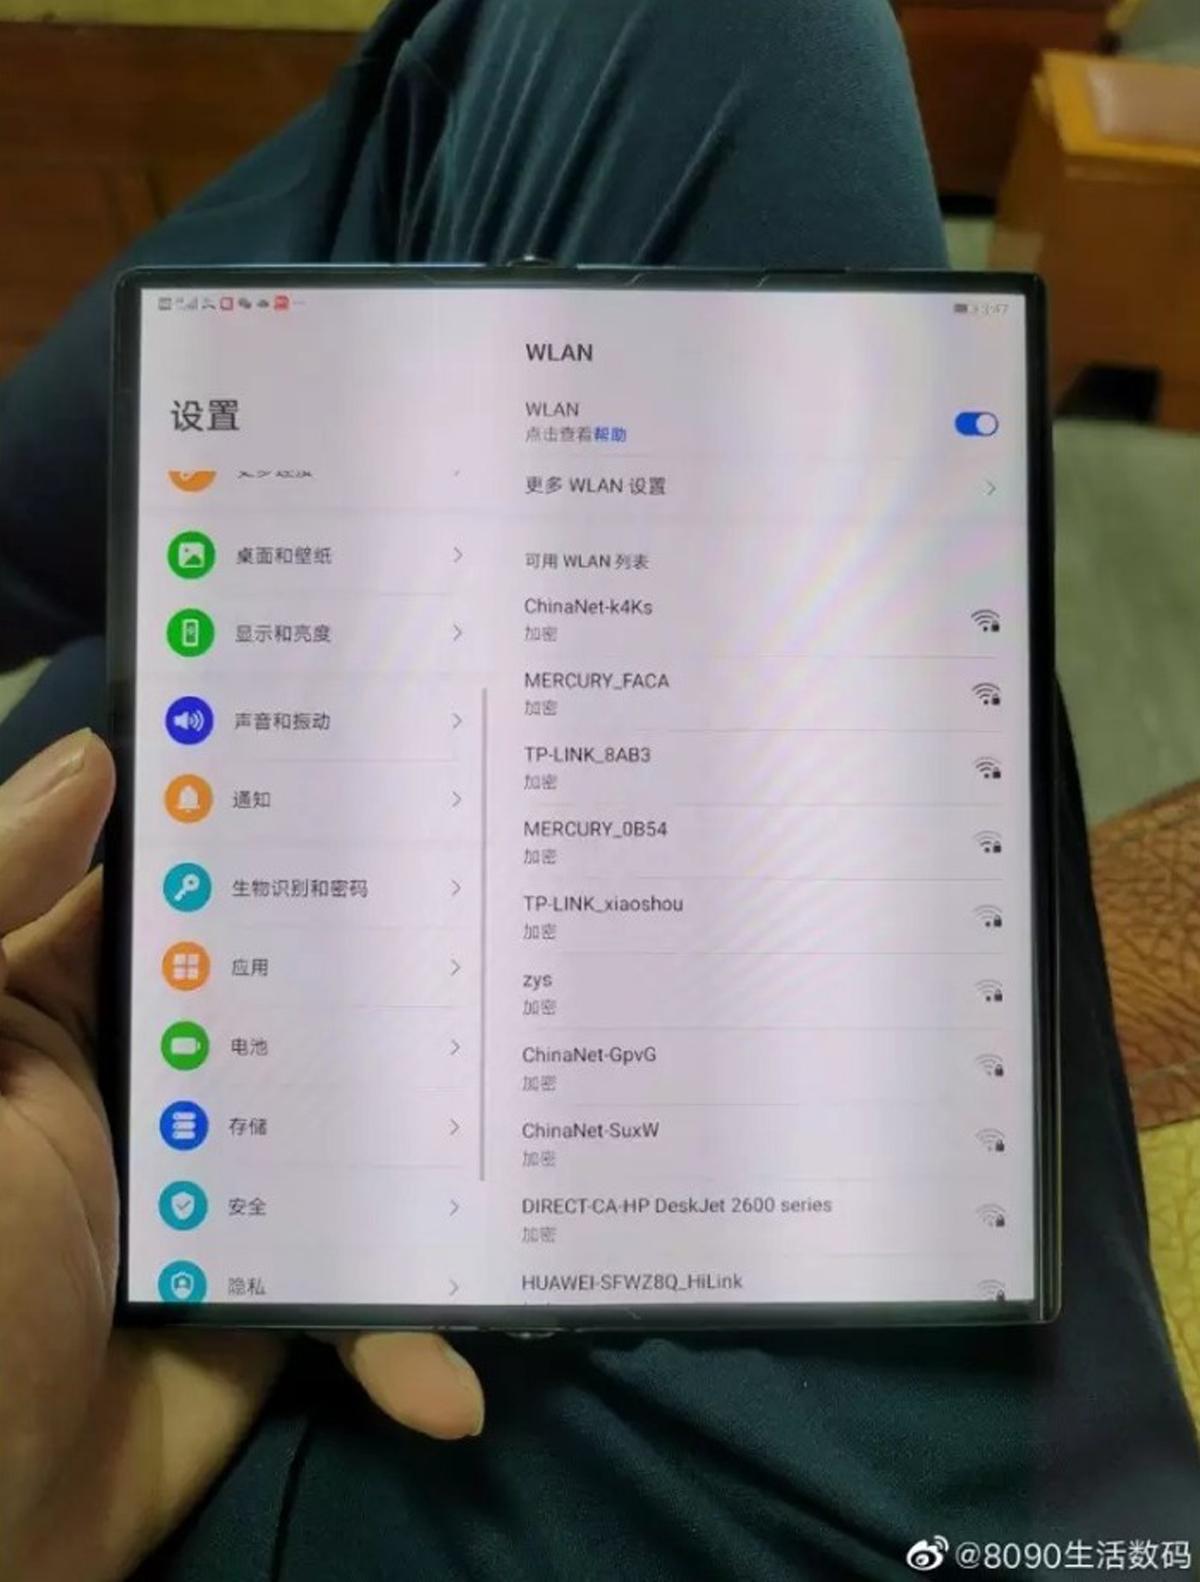 Lanzamiento de Huawei Mate X2 en China en febrero